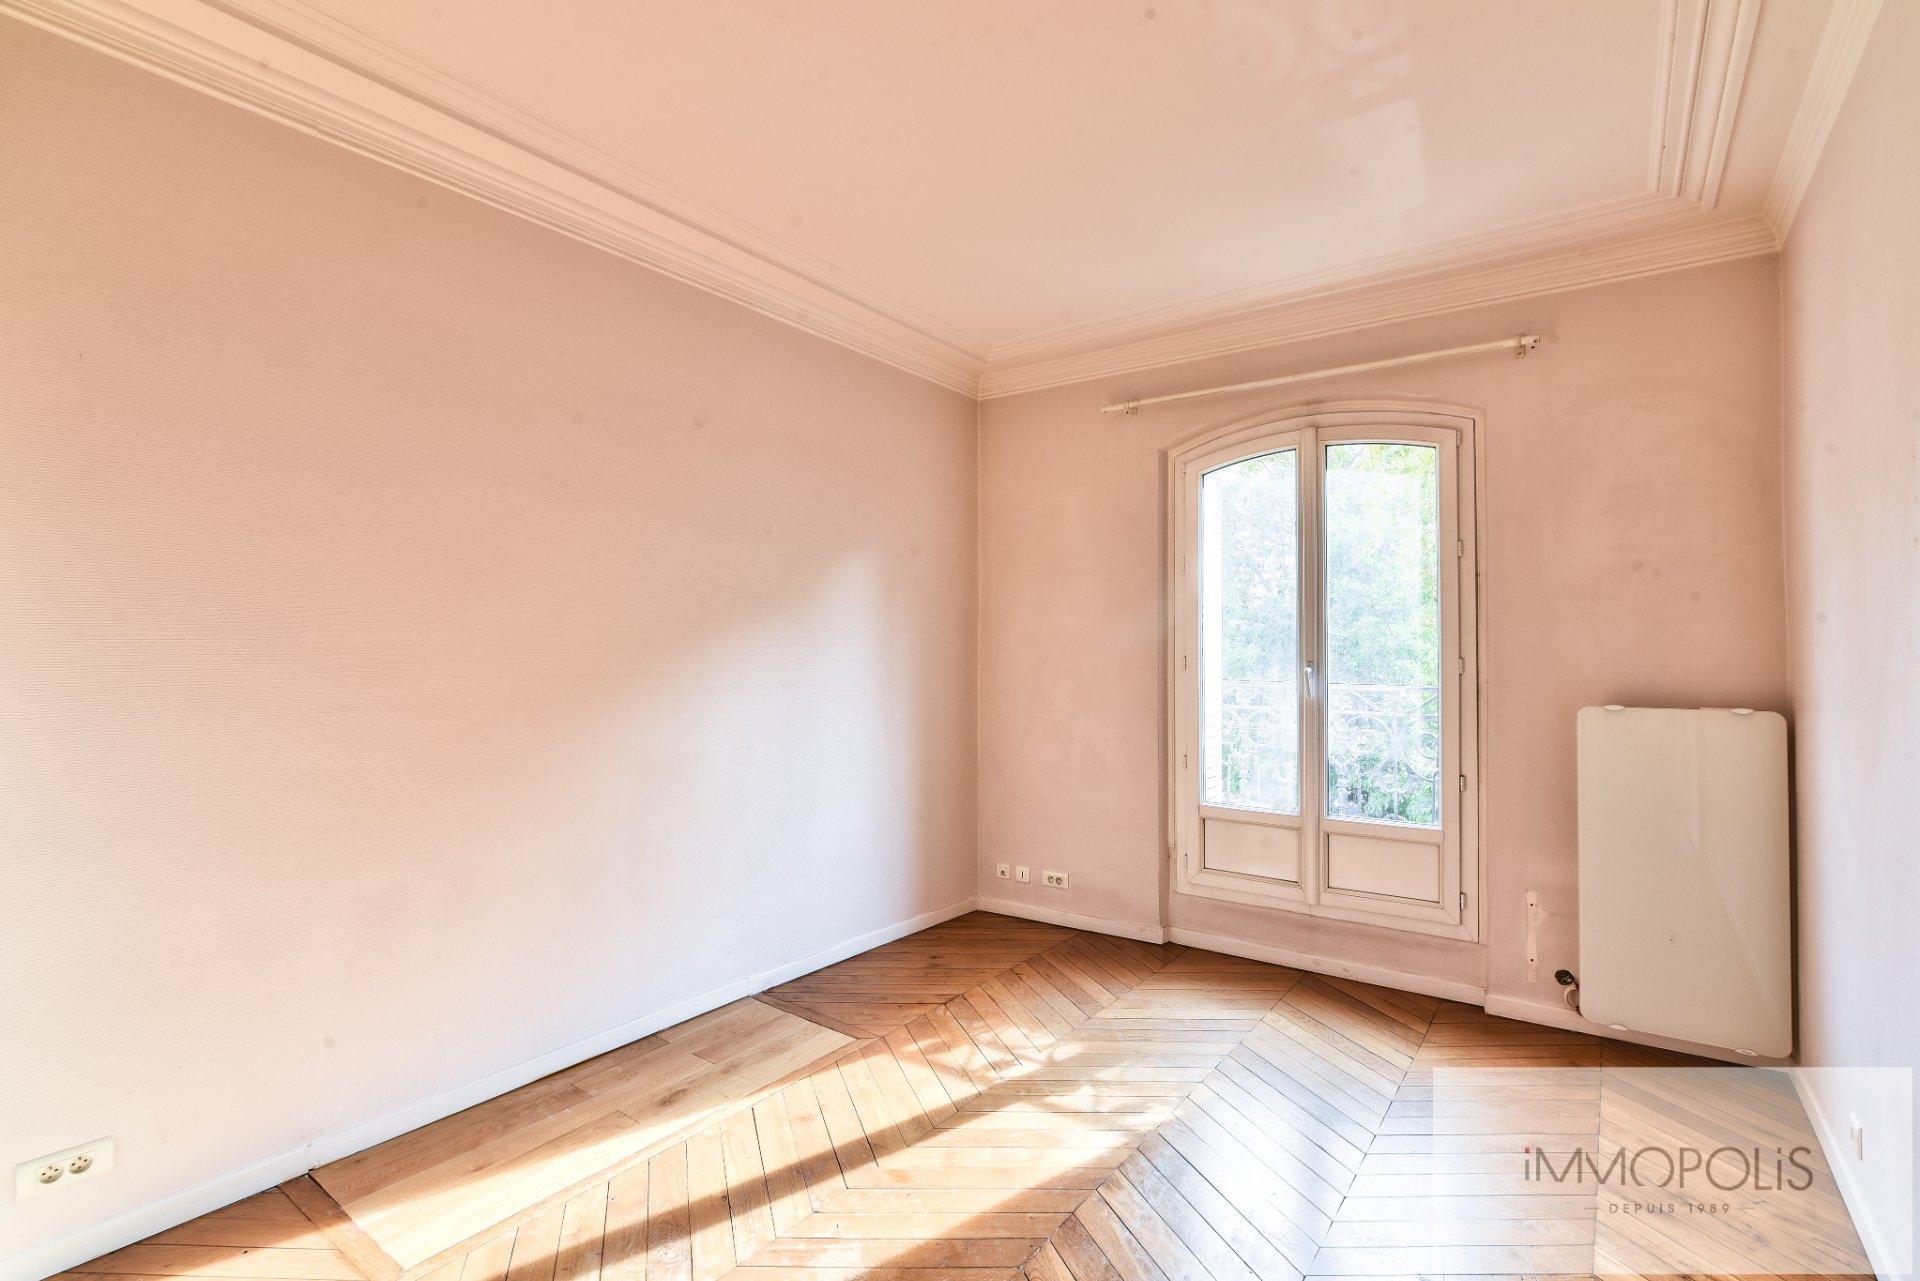 Appartement Familial de 4 pièce(s) 83 m2 6